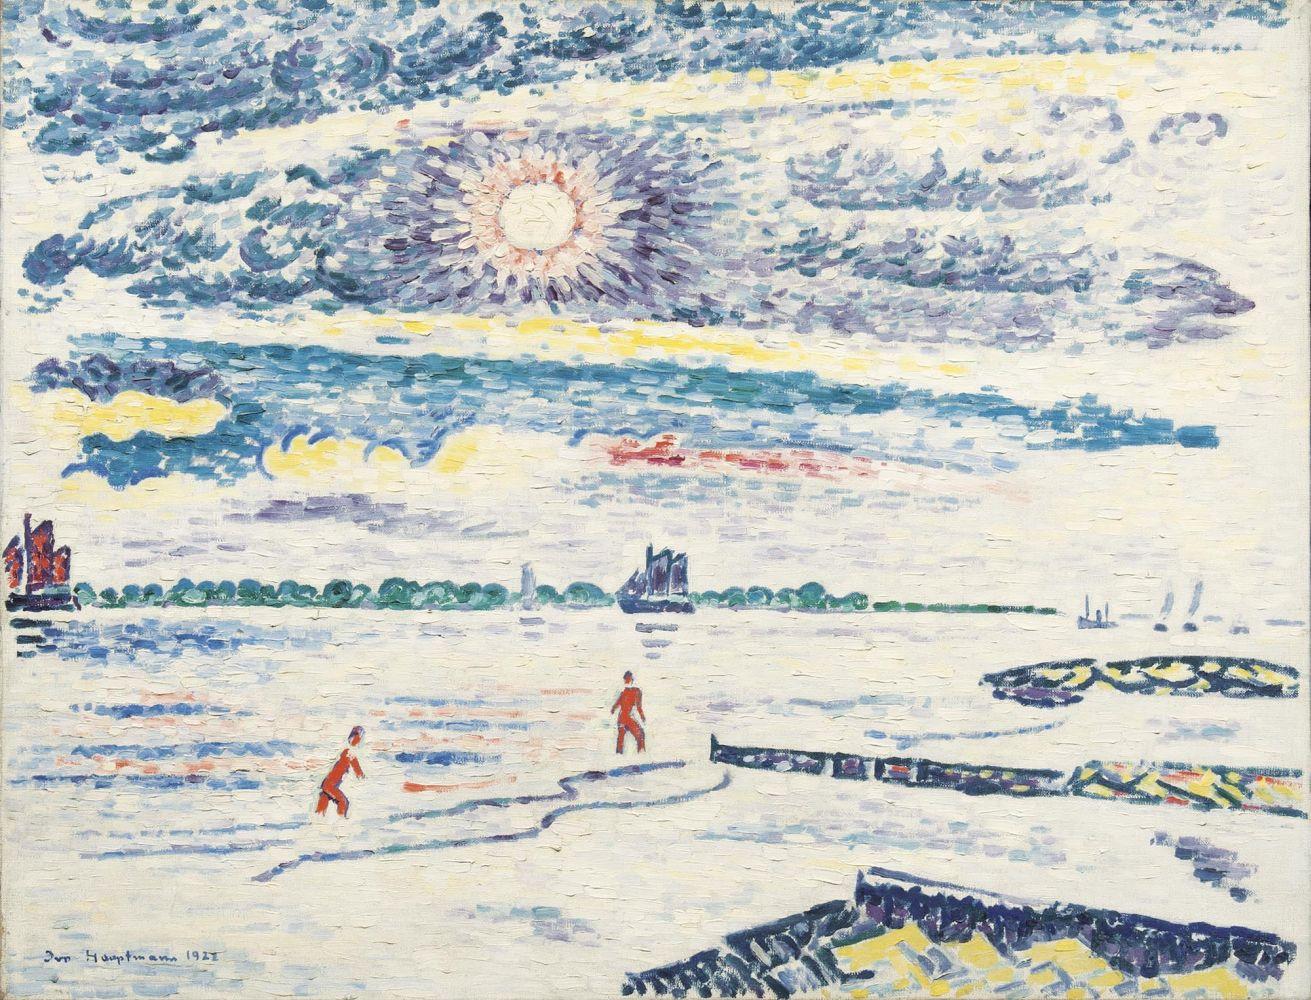 Ivo Hauptmann (1886 Erkner - 1973 Hamburg), Mittagssonne auf der Elbe, Öl/Lwd., signiert und datiert, 1922